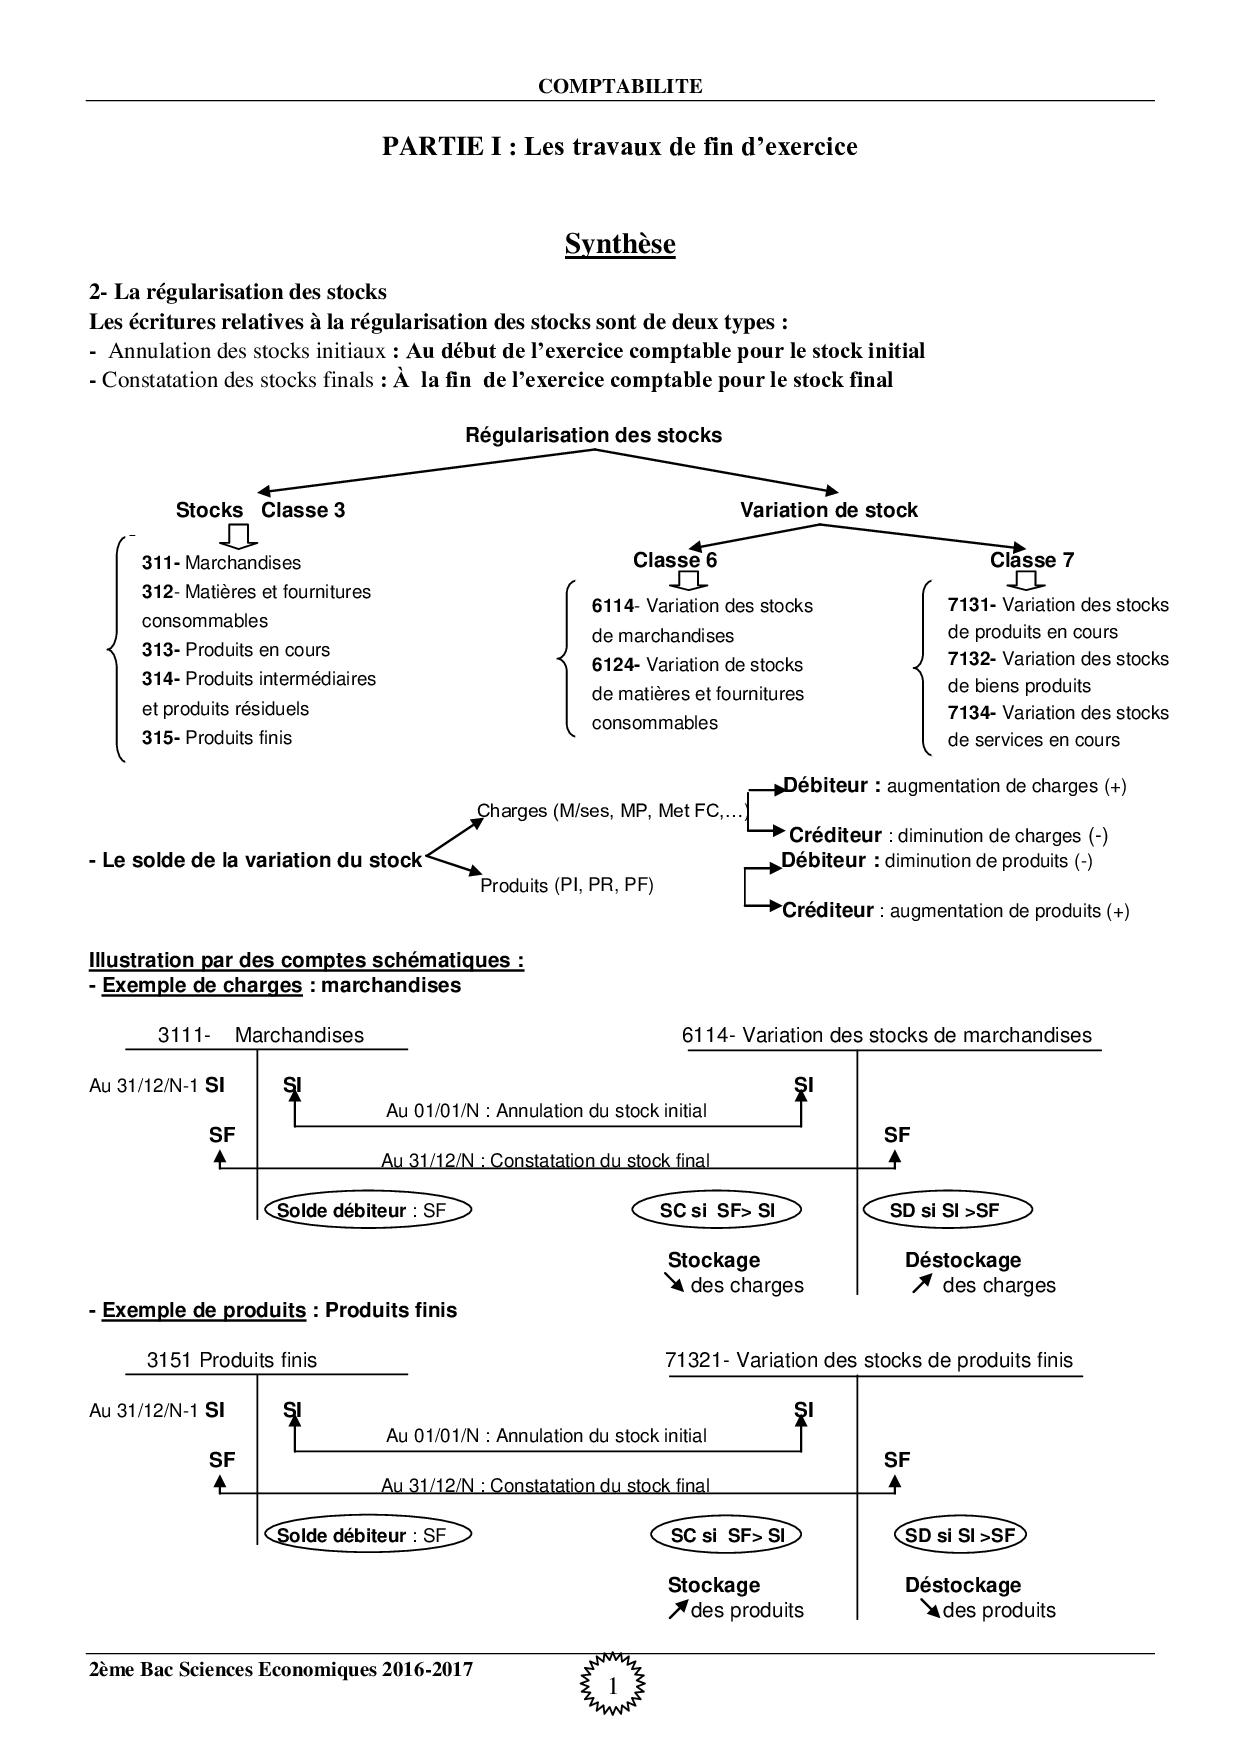 Travaux De Fin D Exercice Synthese Et Exercices Alloschool